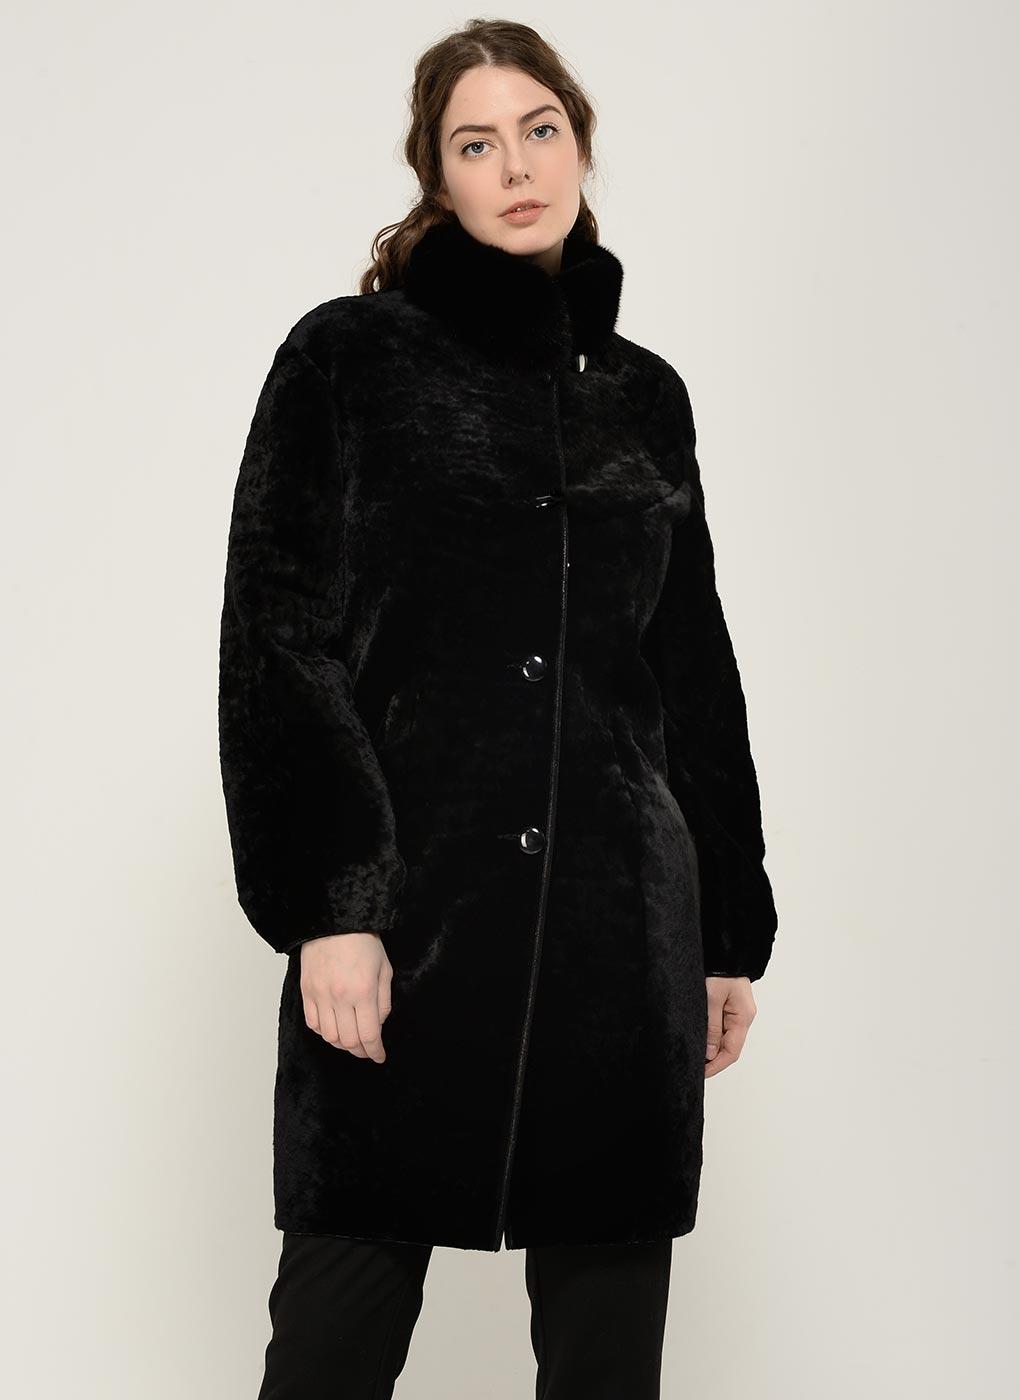 Пальто кокон из астрагана 02, Aliance fur